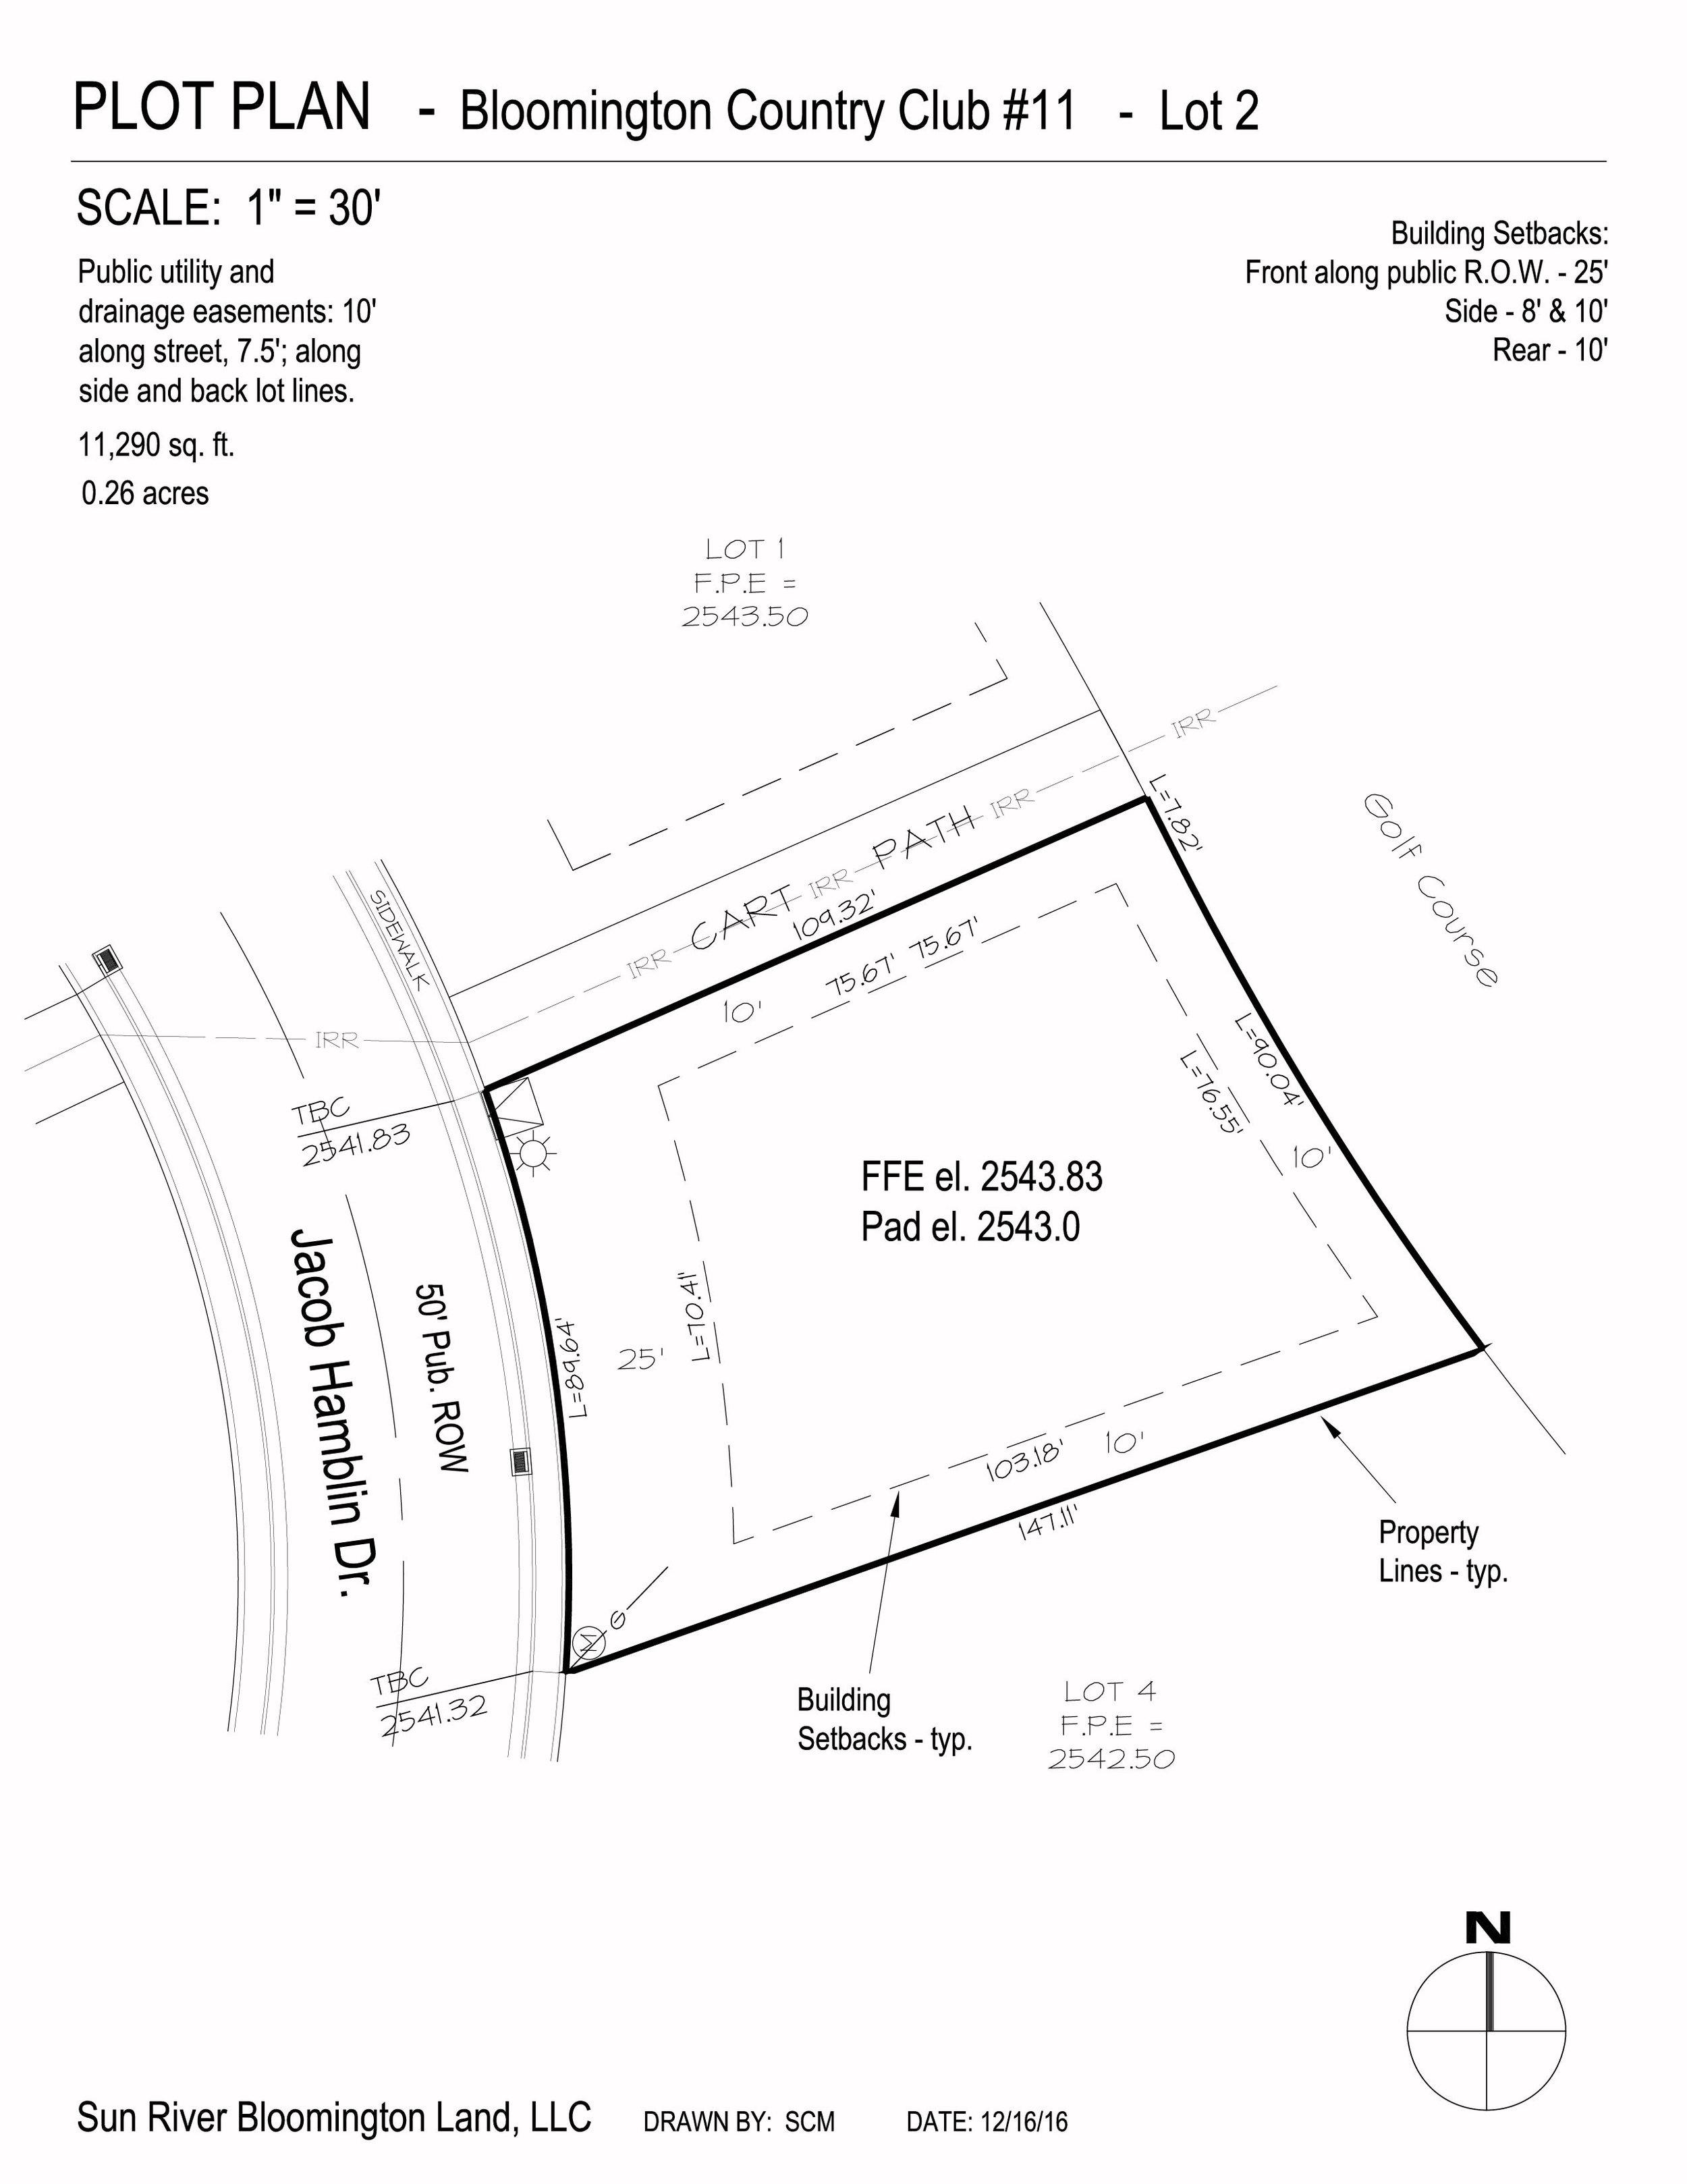 hamblin plot plans-02.jpg